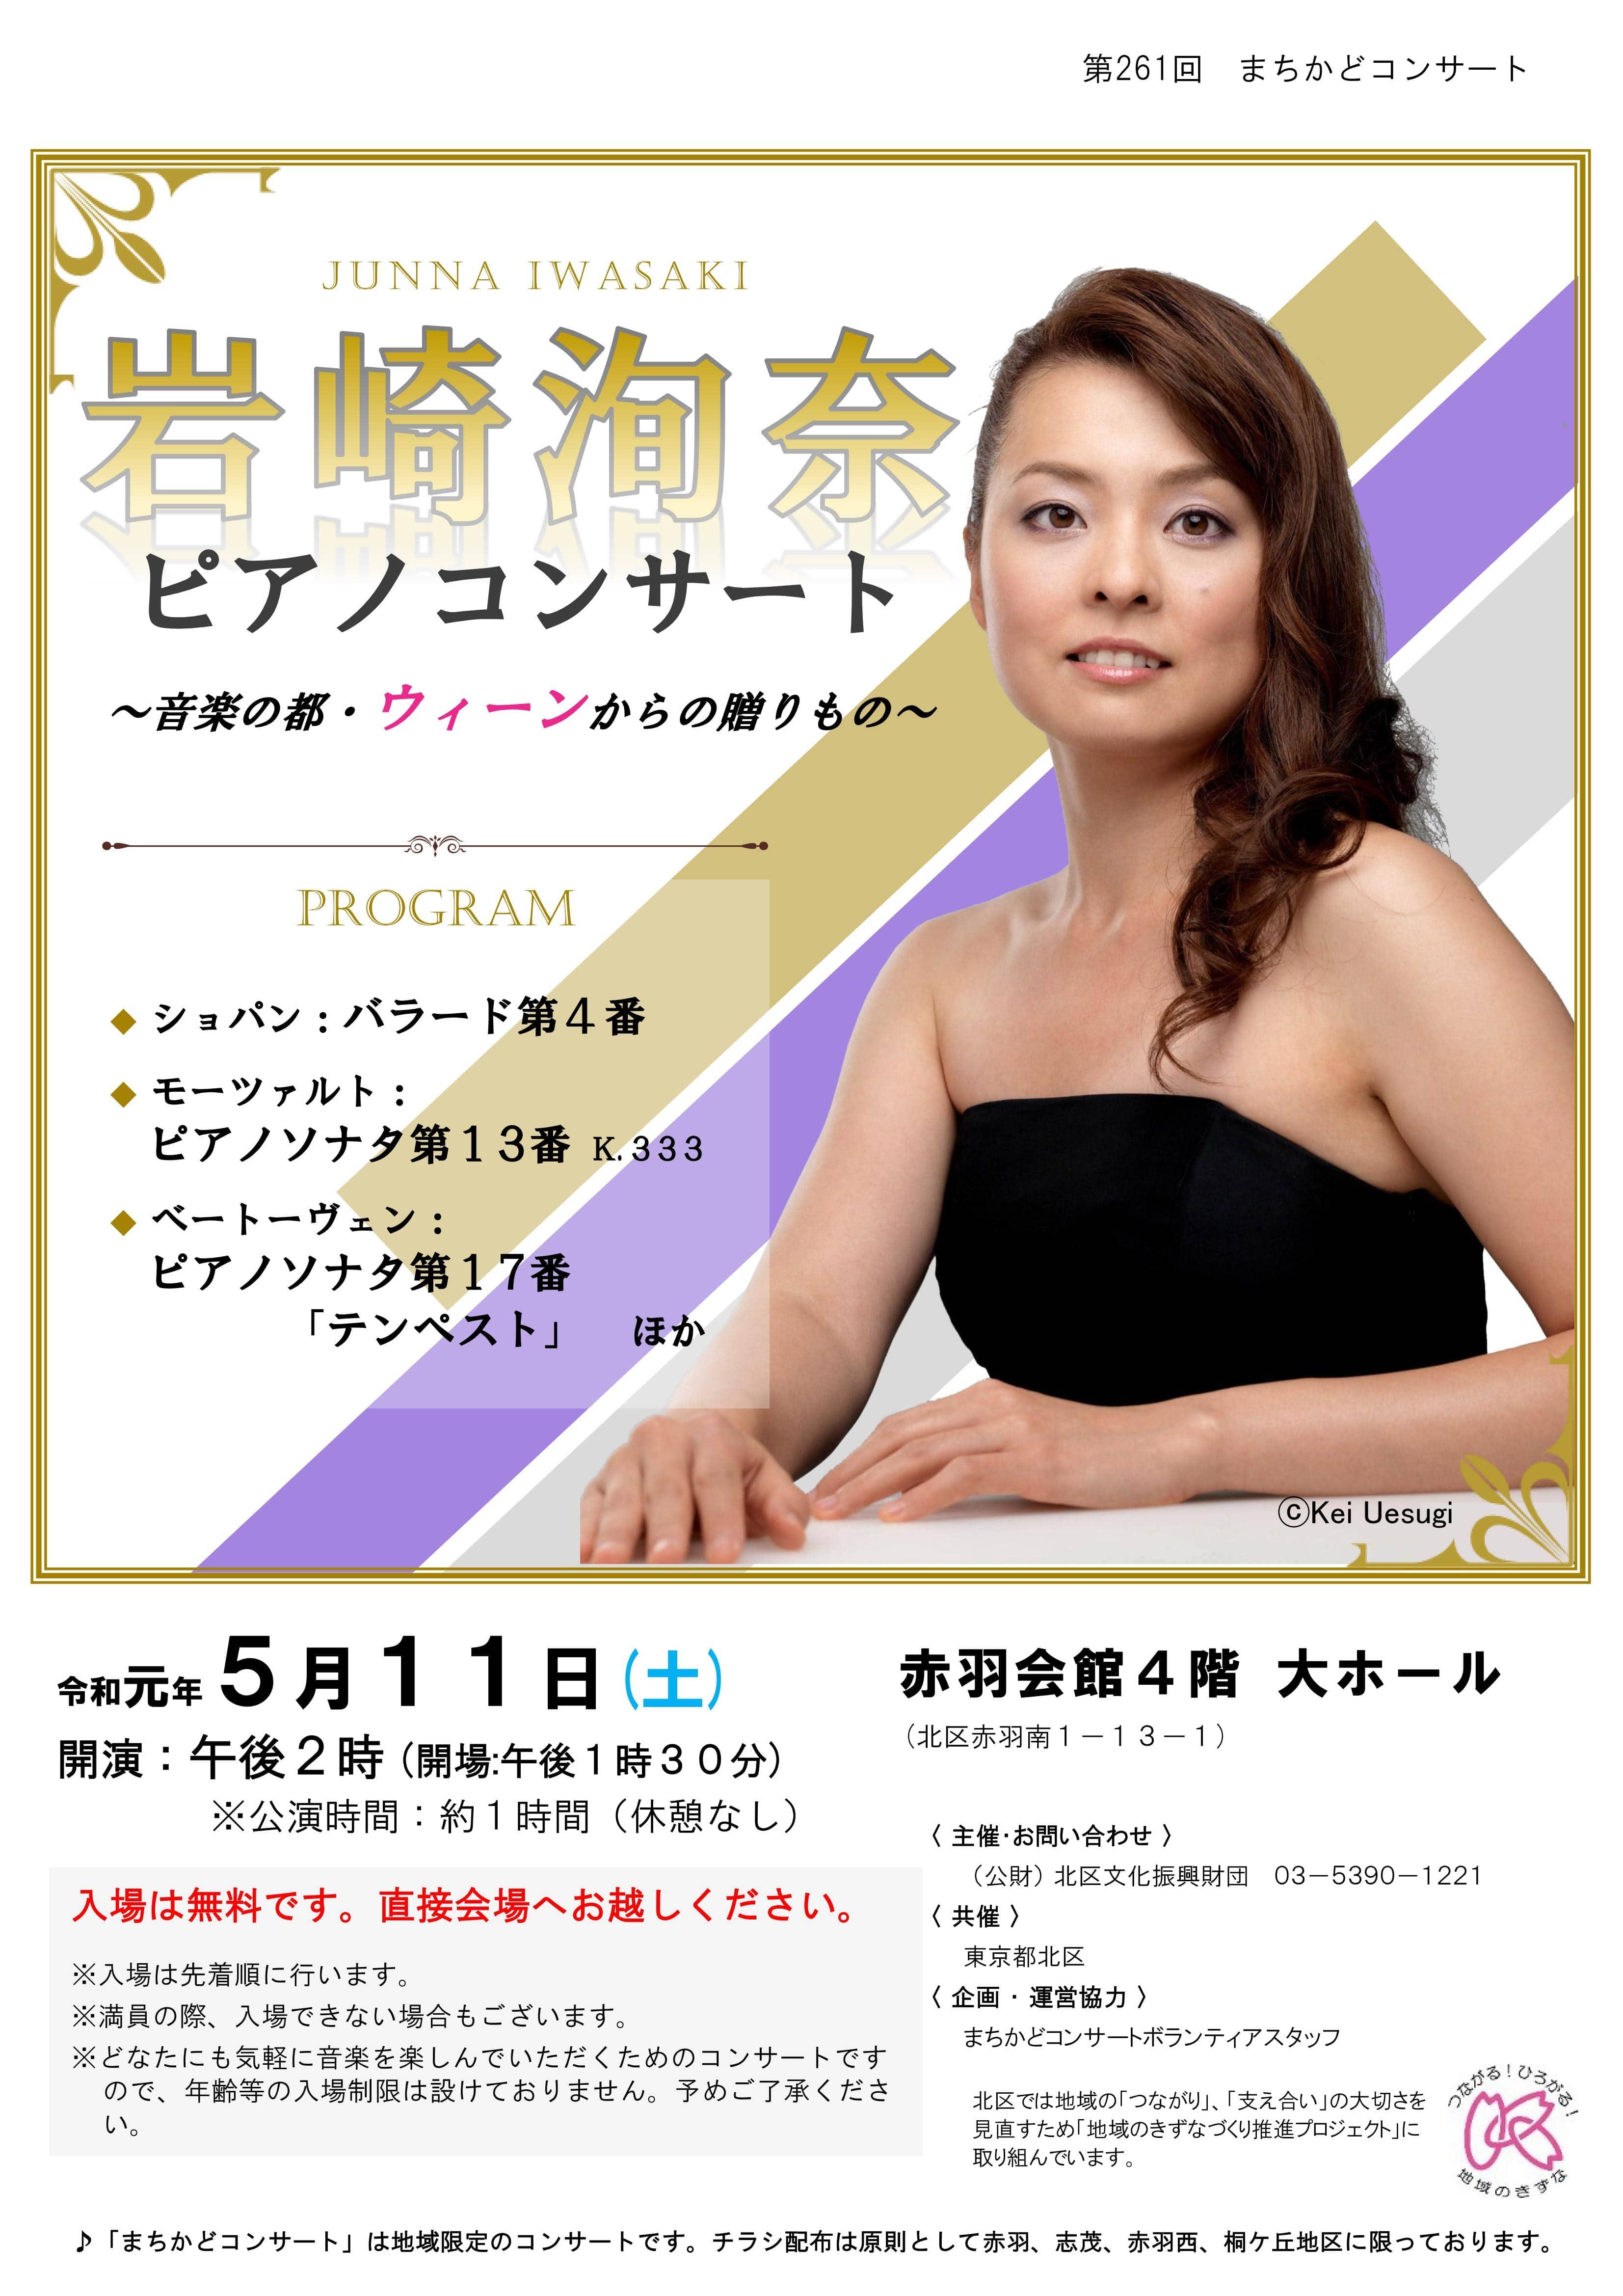 岩崎洵奈ピアノコンサートの画像